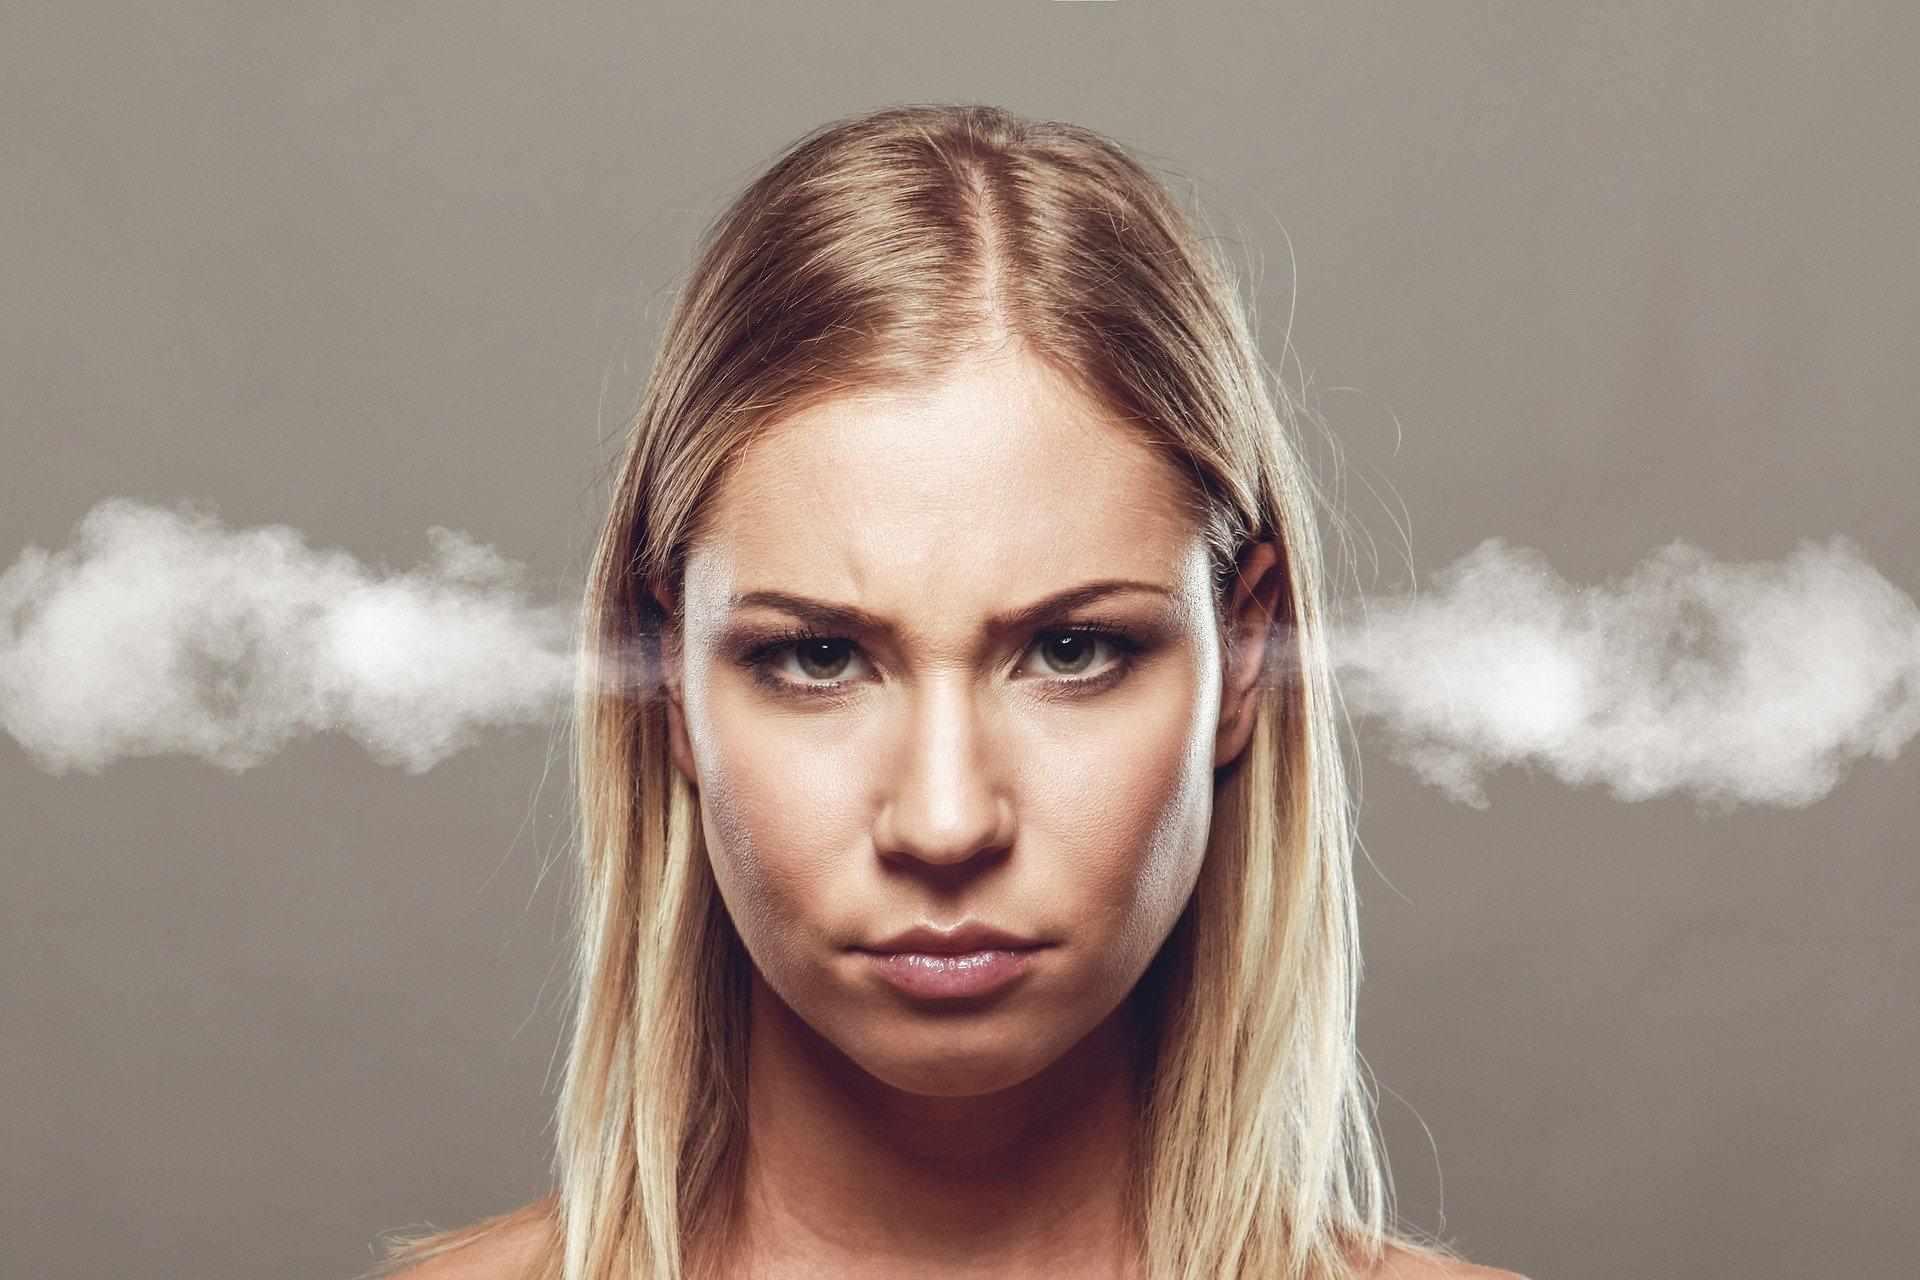 Come rispondere ai commenti negativi sui social? Niente panico, prima di tutto